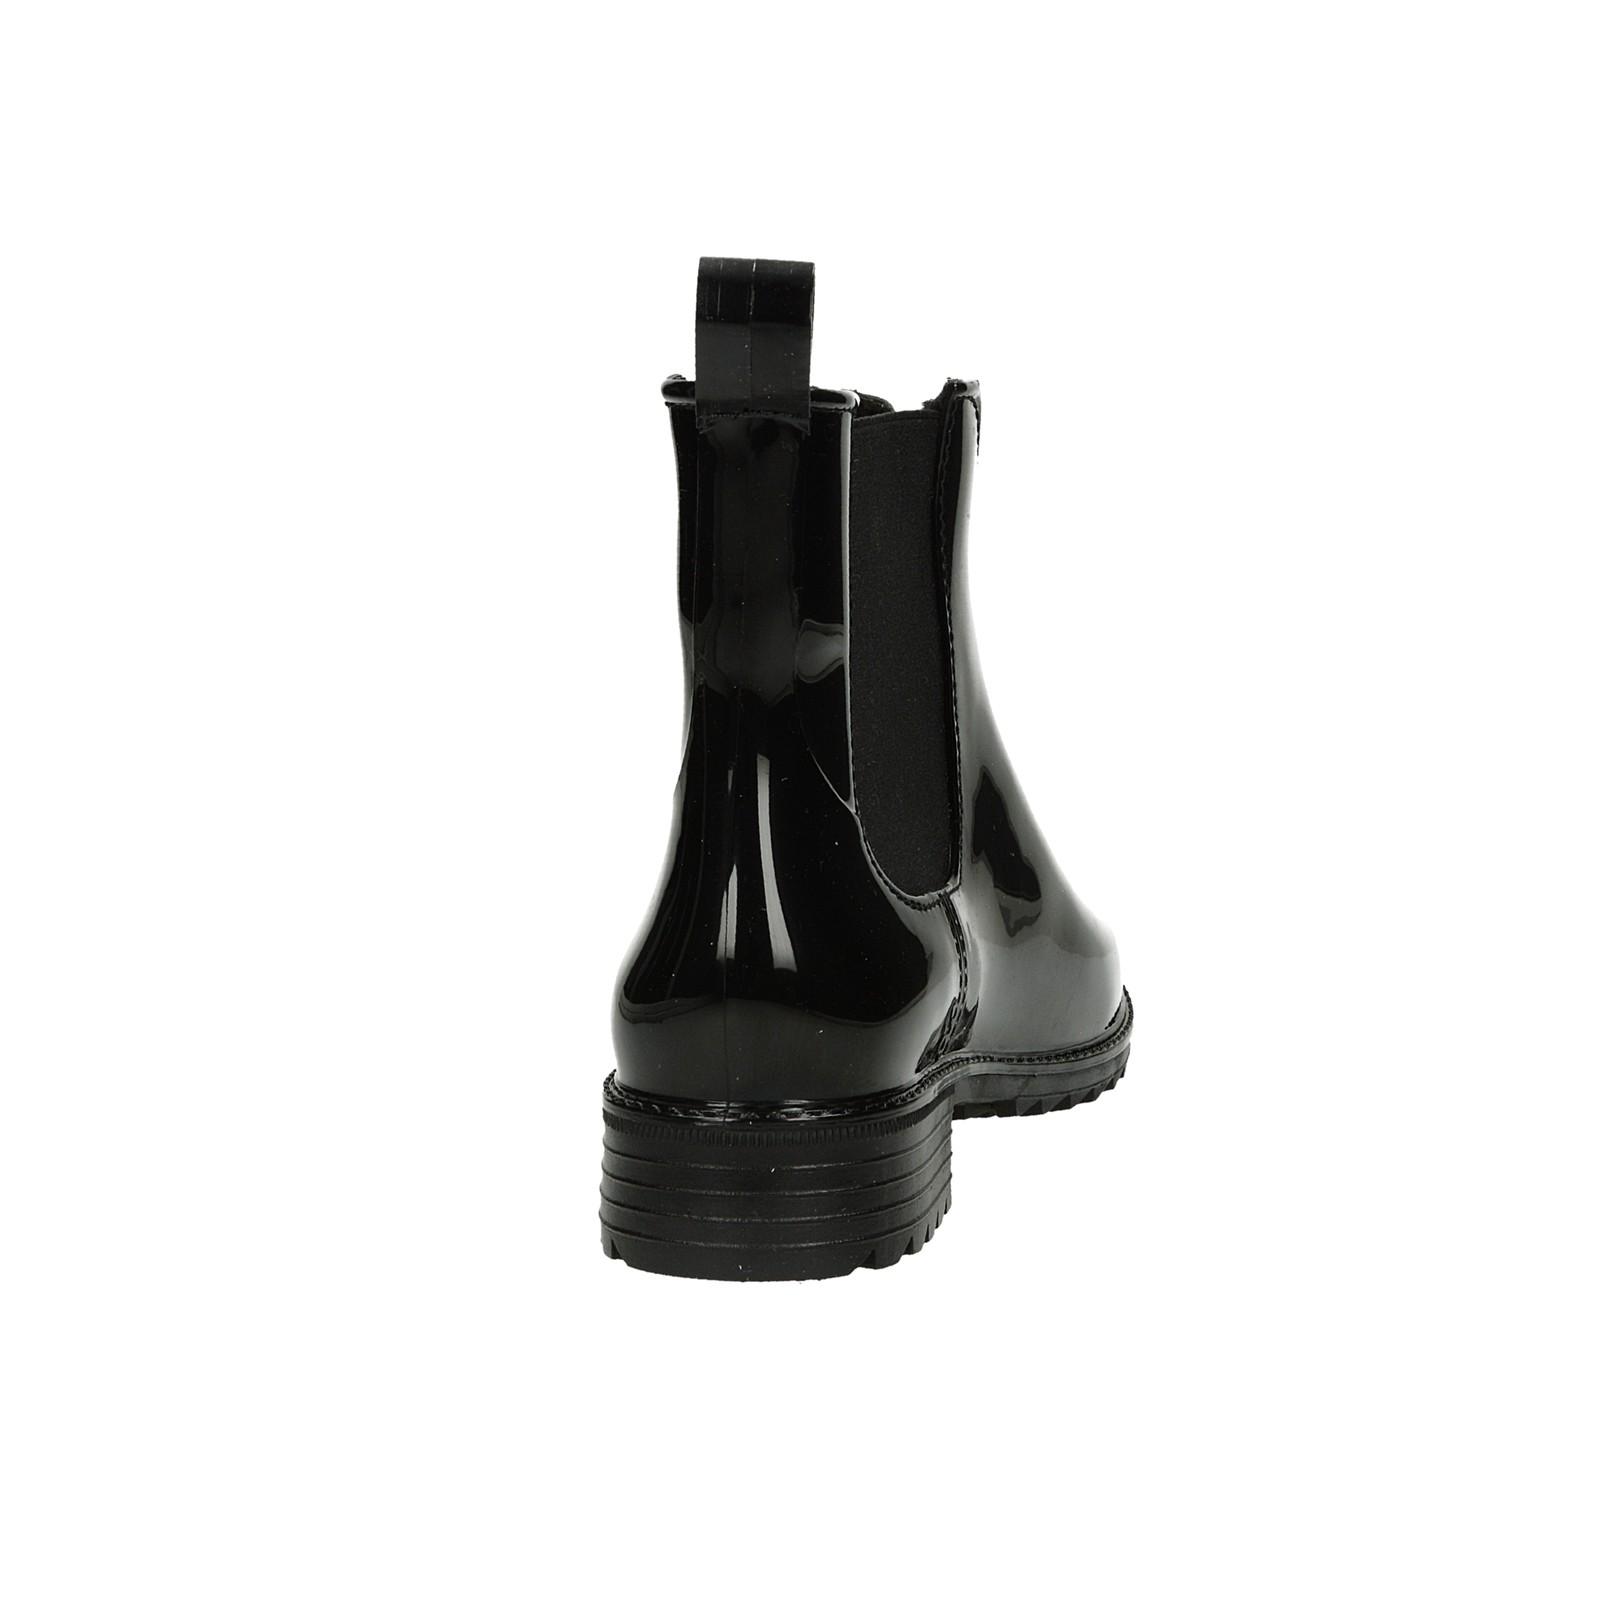 e443c3f4d714 ... Rieker dámske gumené kotníky - čierne ...